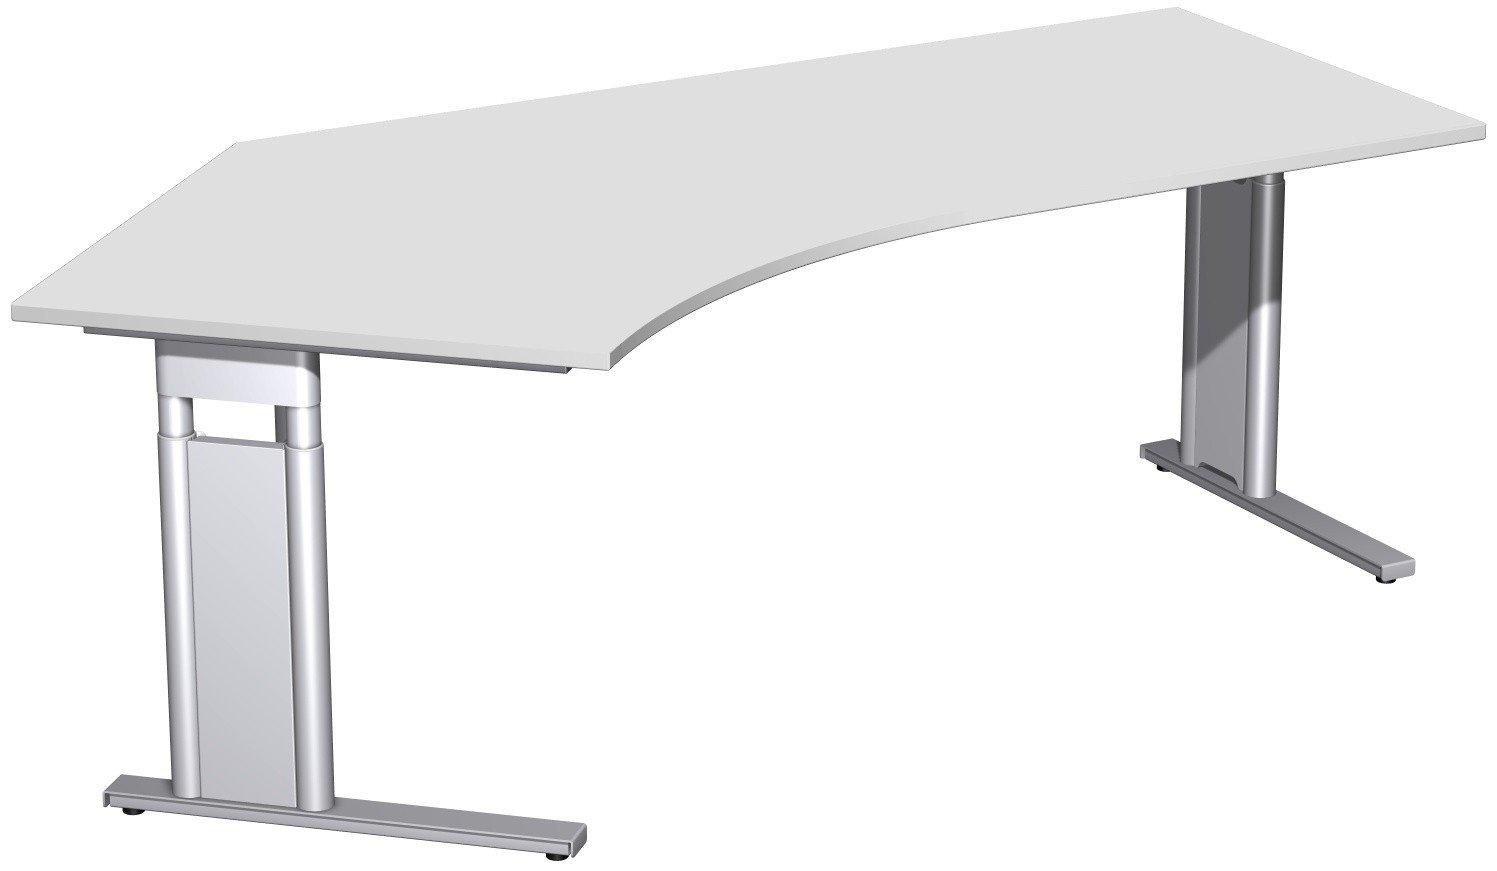 Geramöbel Schreibtisch 135° links höhenverstellbar, C Fuß Blende optional, 2166x1130x680-820, Lichtgrau/Silber